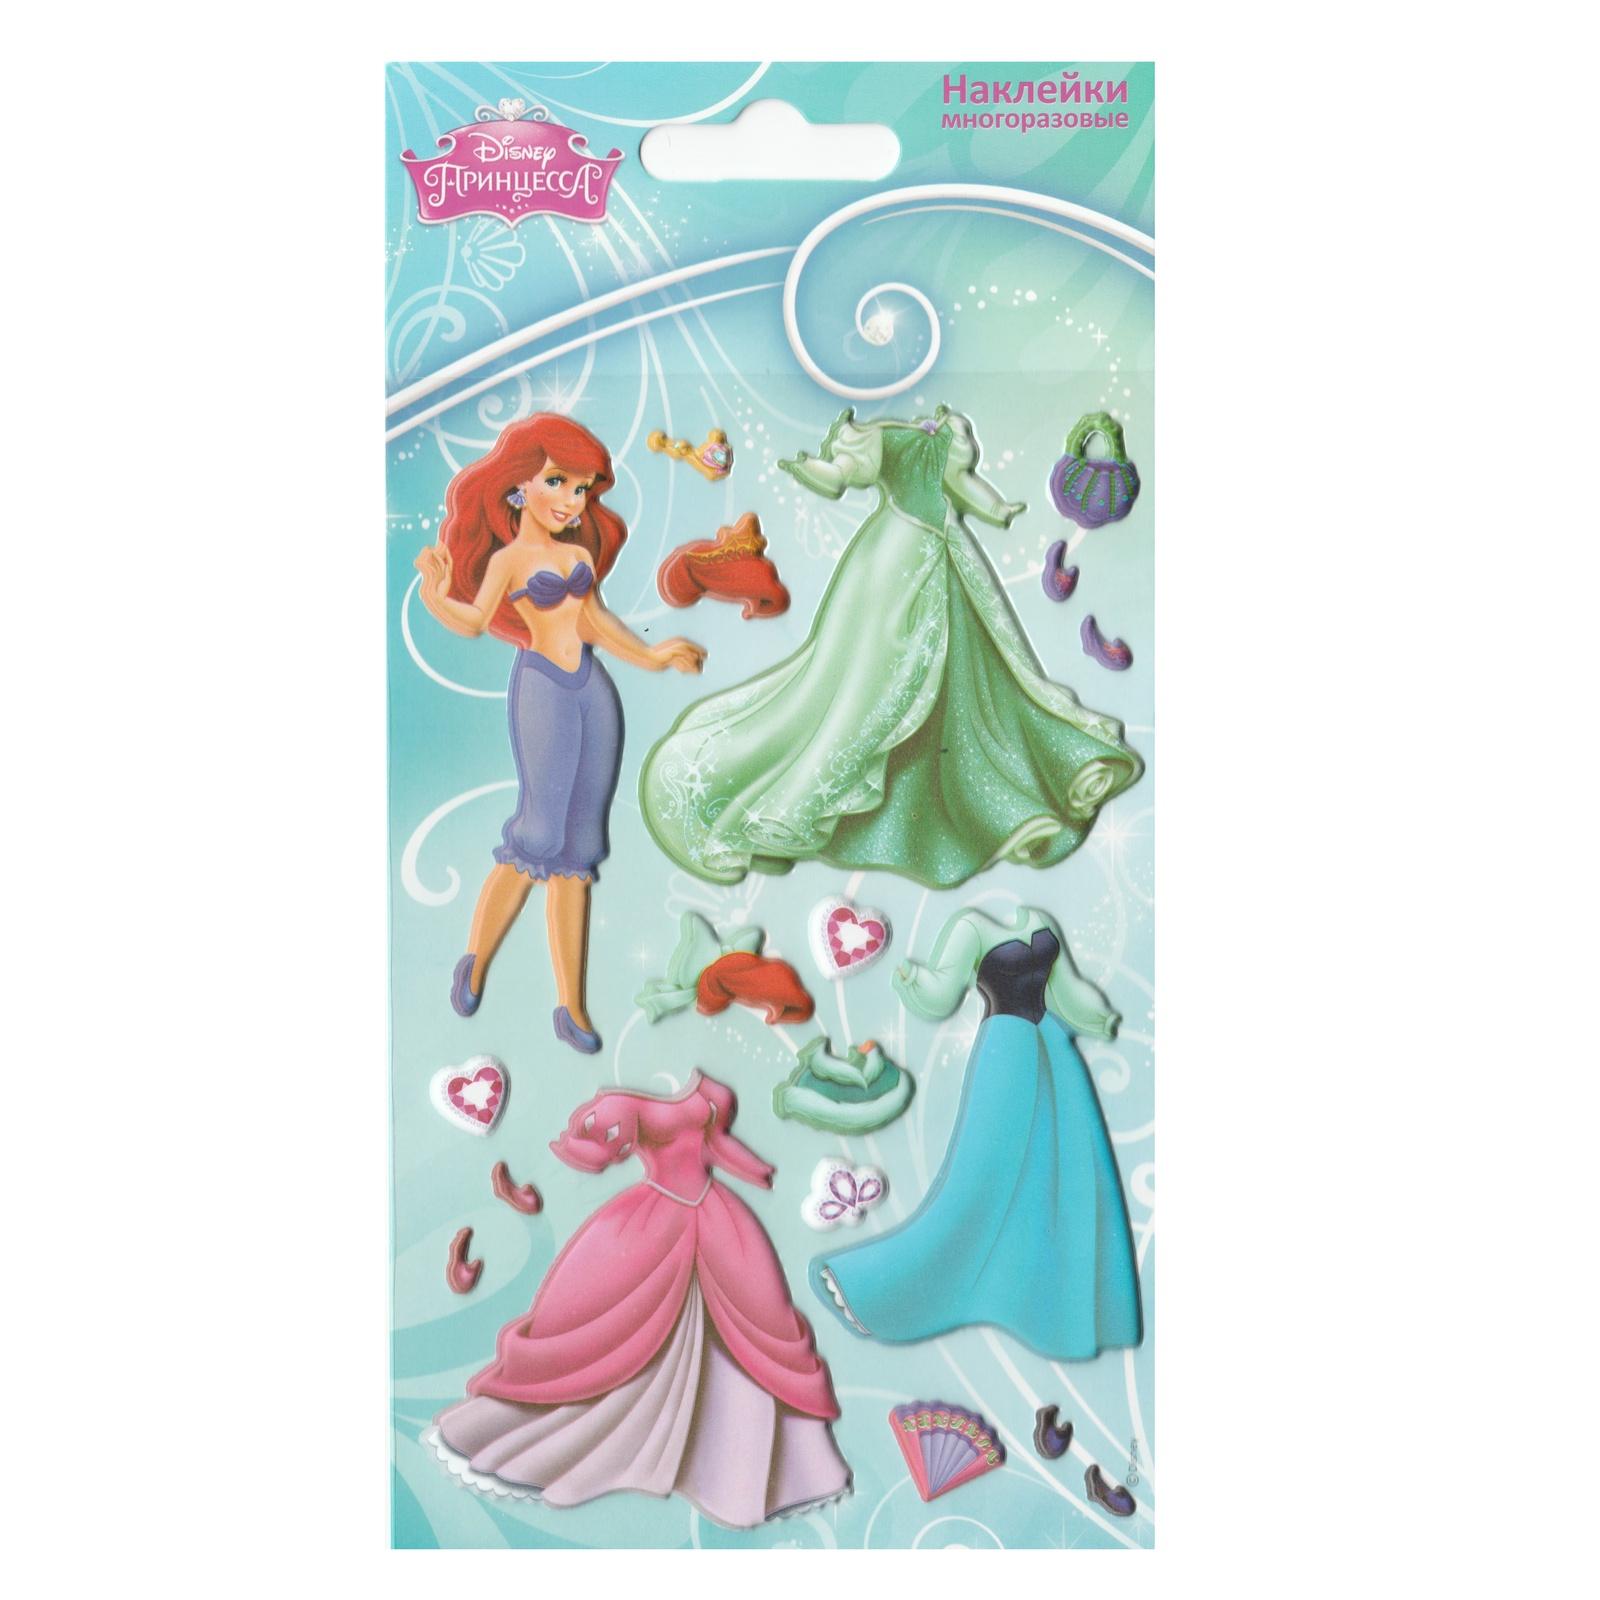 Набор наклеек Disney Ариэль с нарядами, многоразовые